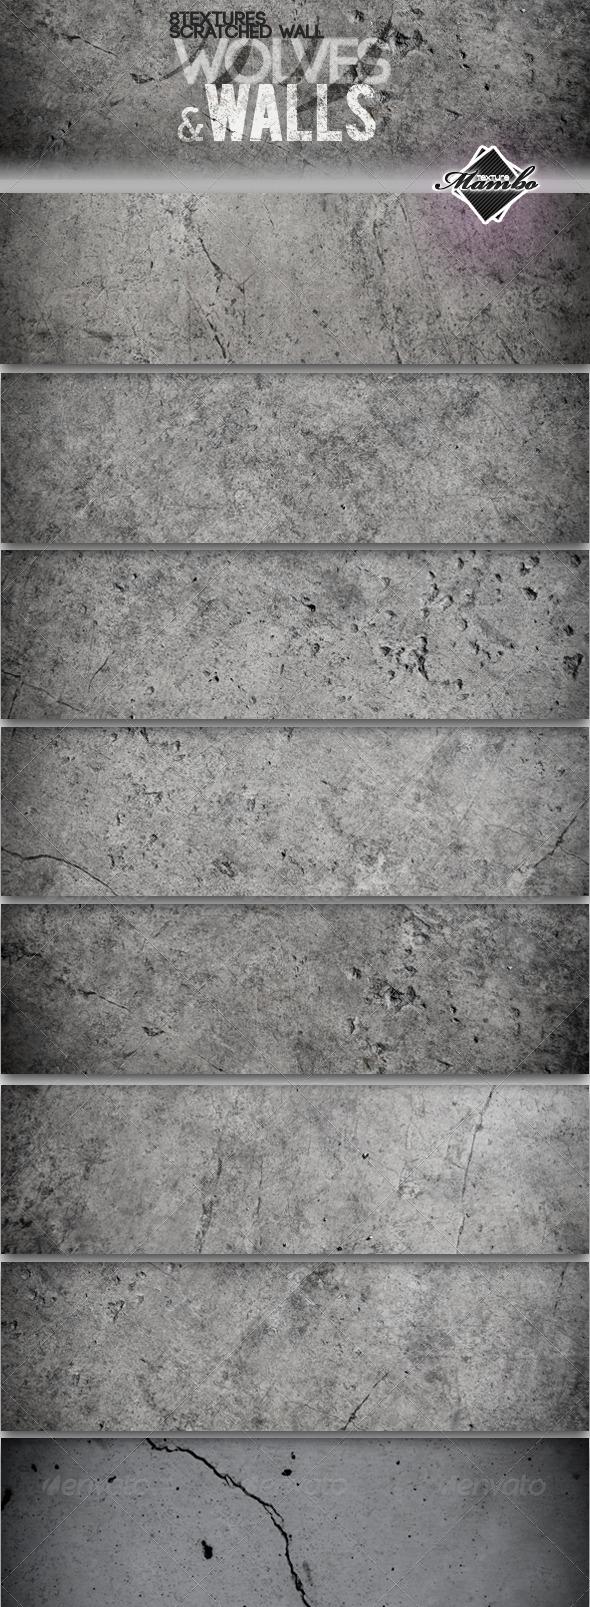 Wolves & Walls - Concrete wall textures - Concrete Textures